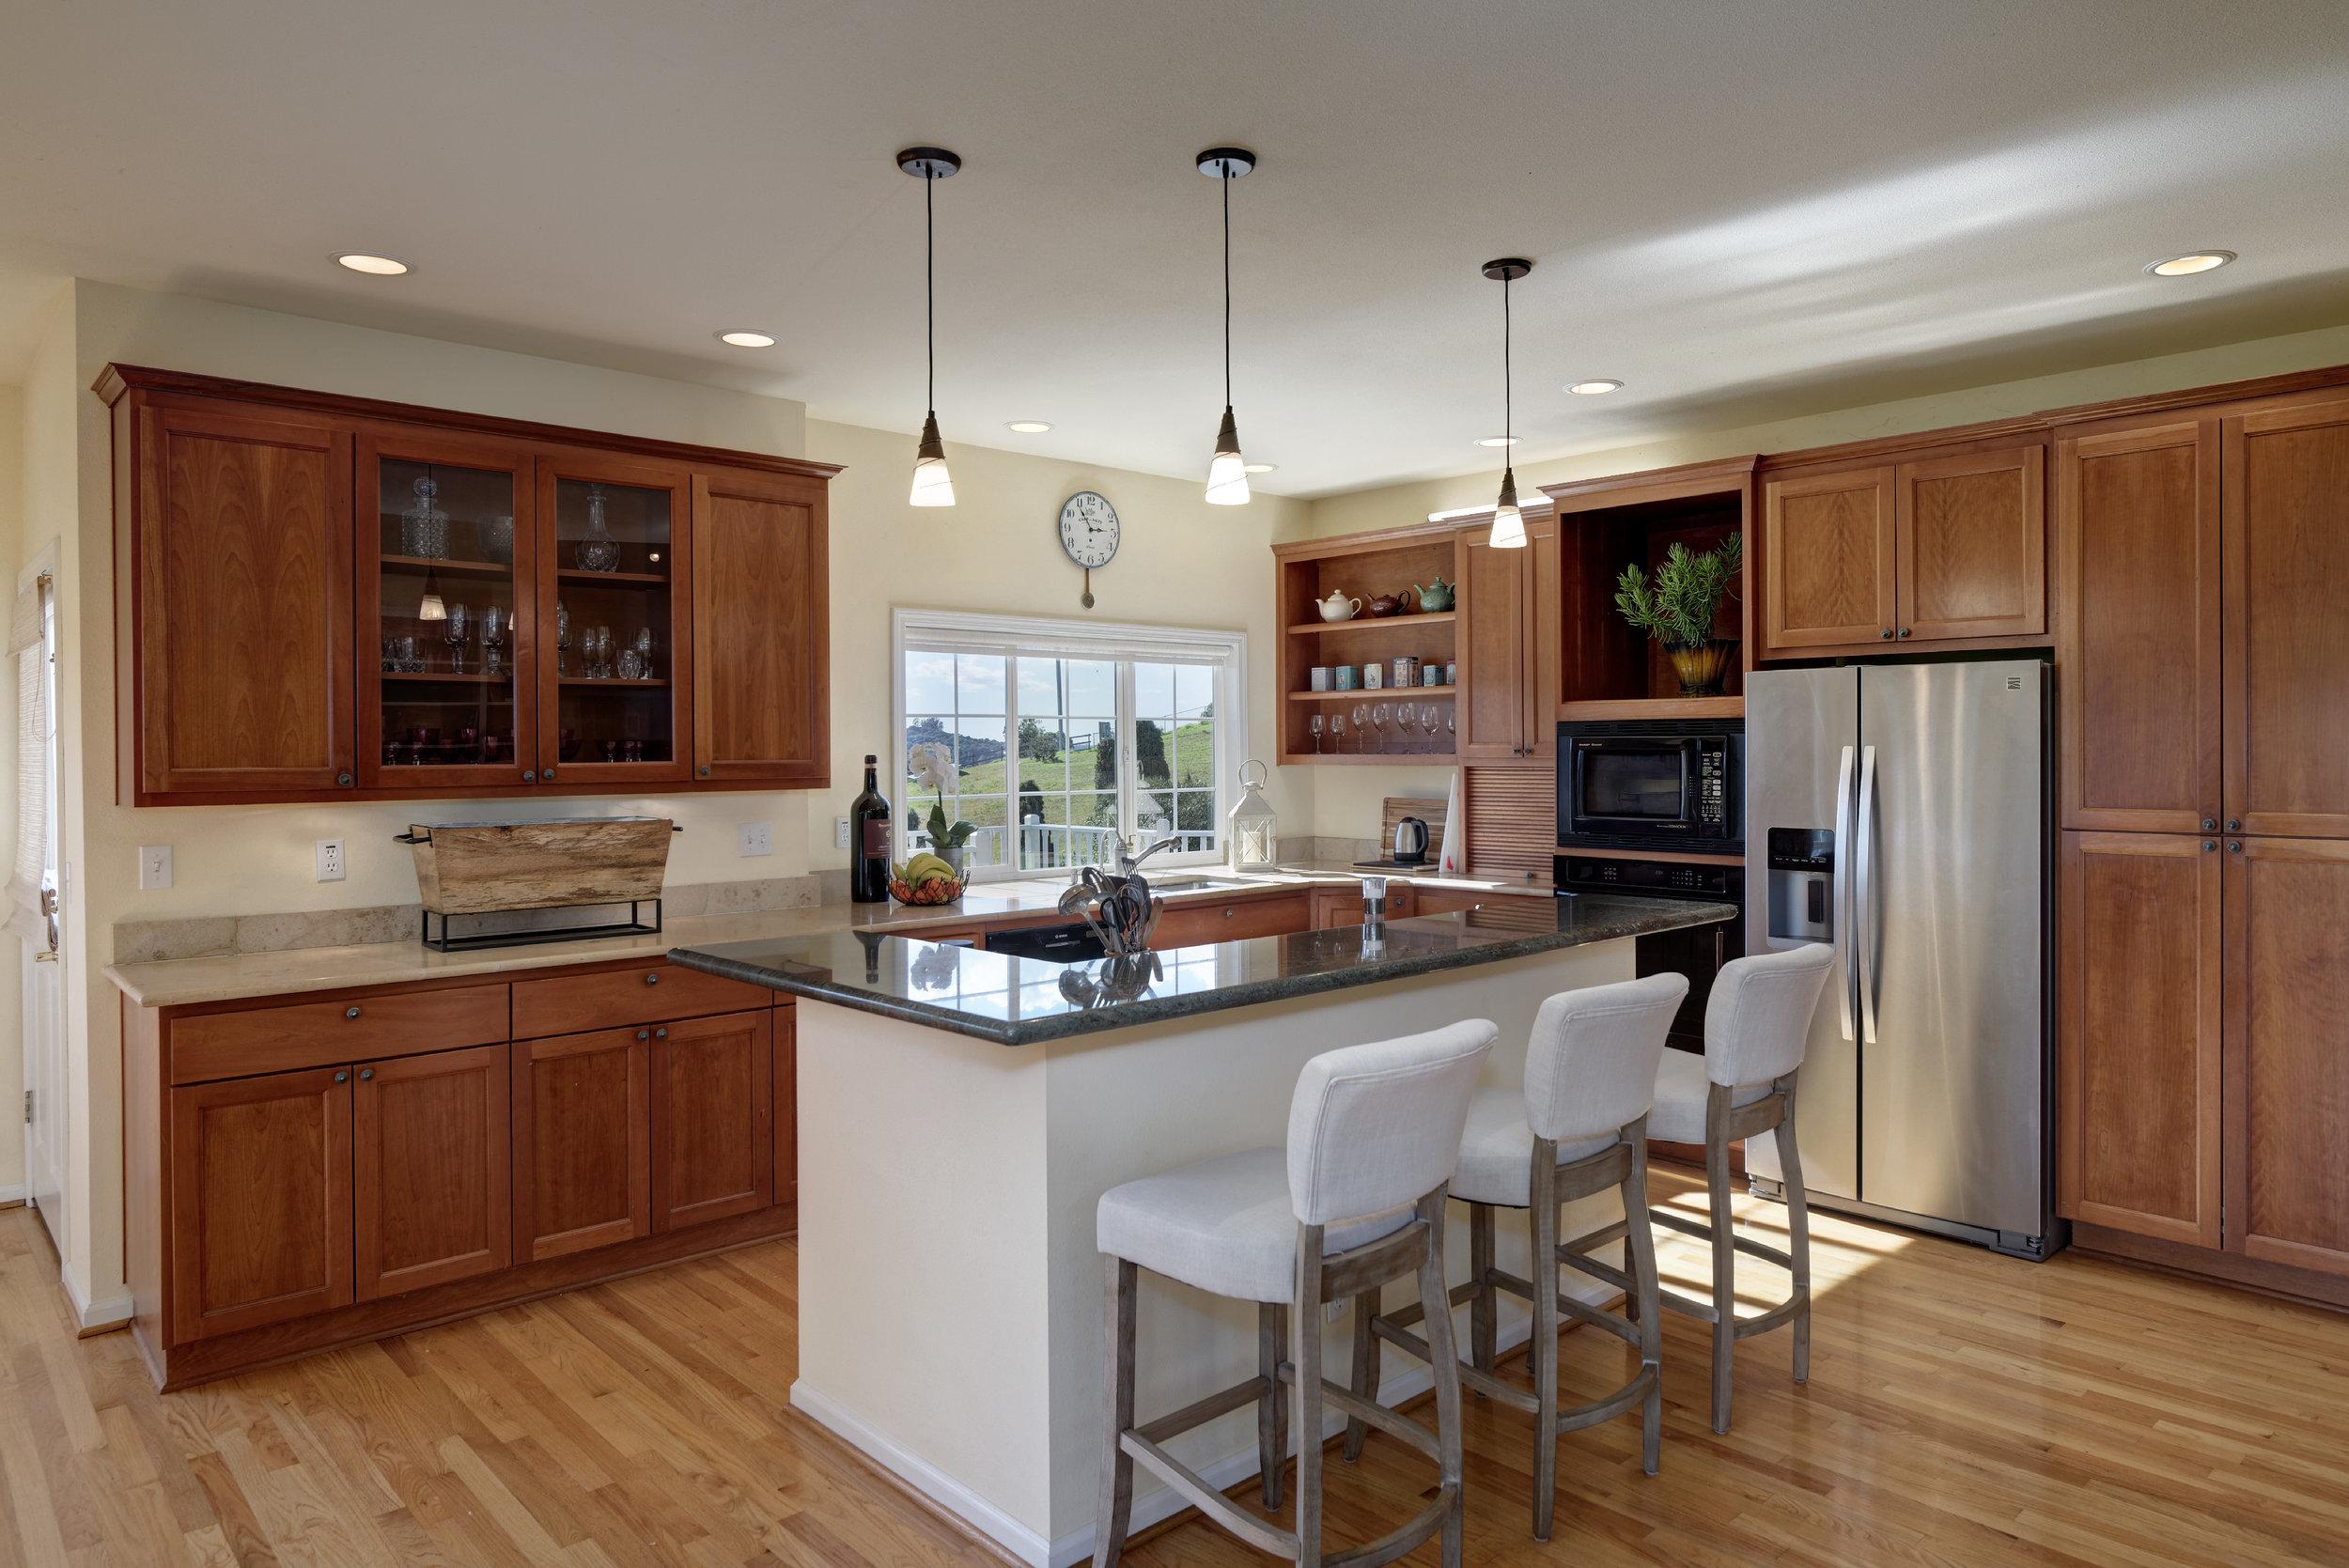 Kitchen_706 Carpenteria R_Ducky Grabill Real Estate.jpg